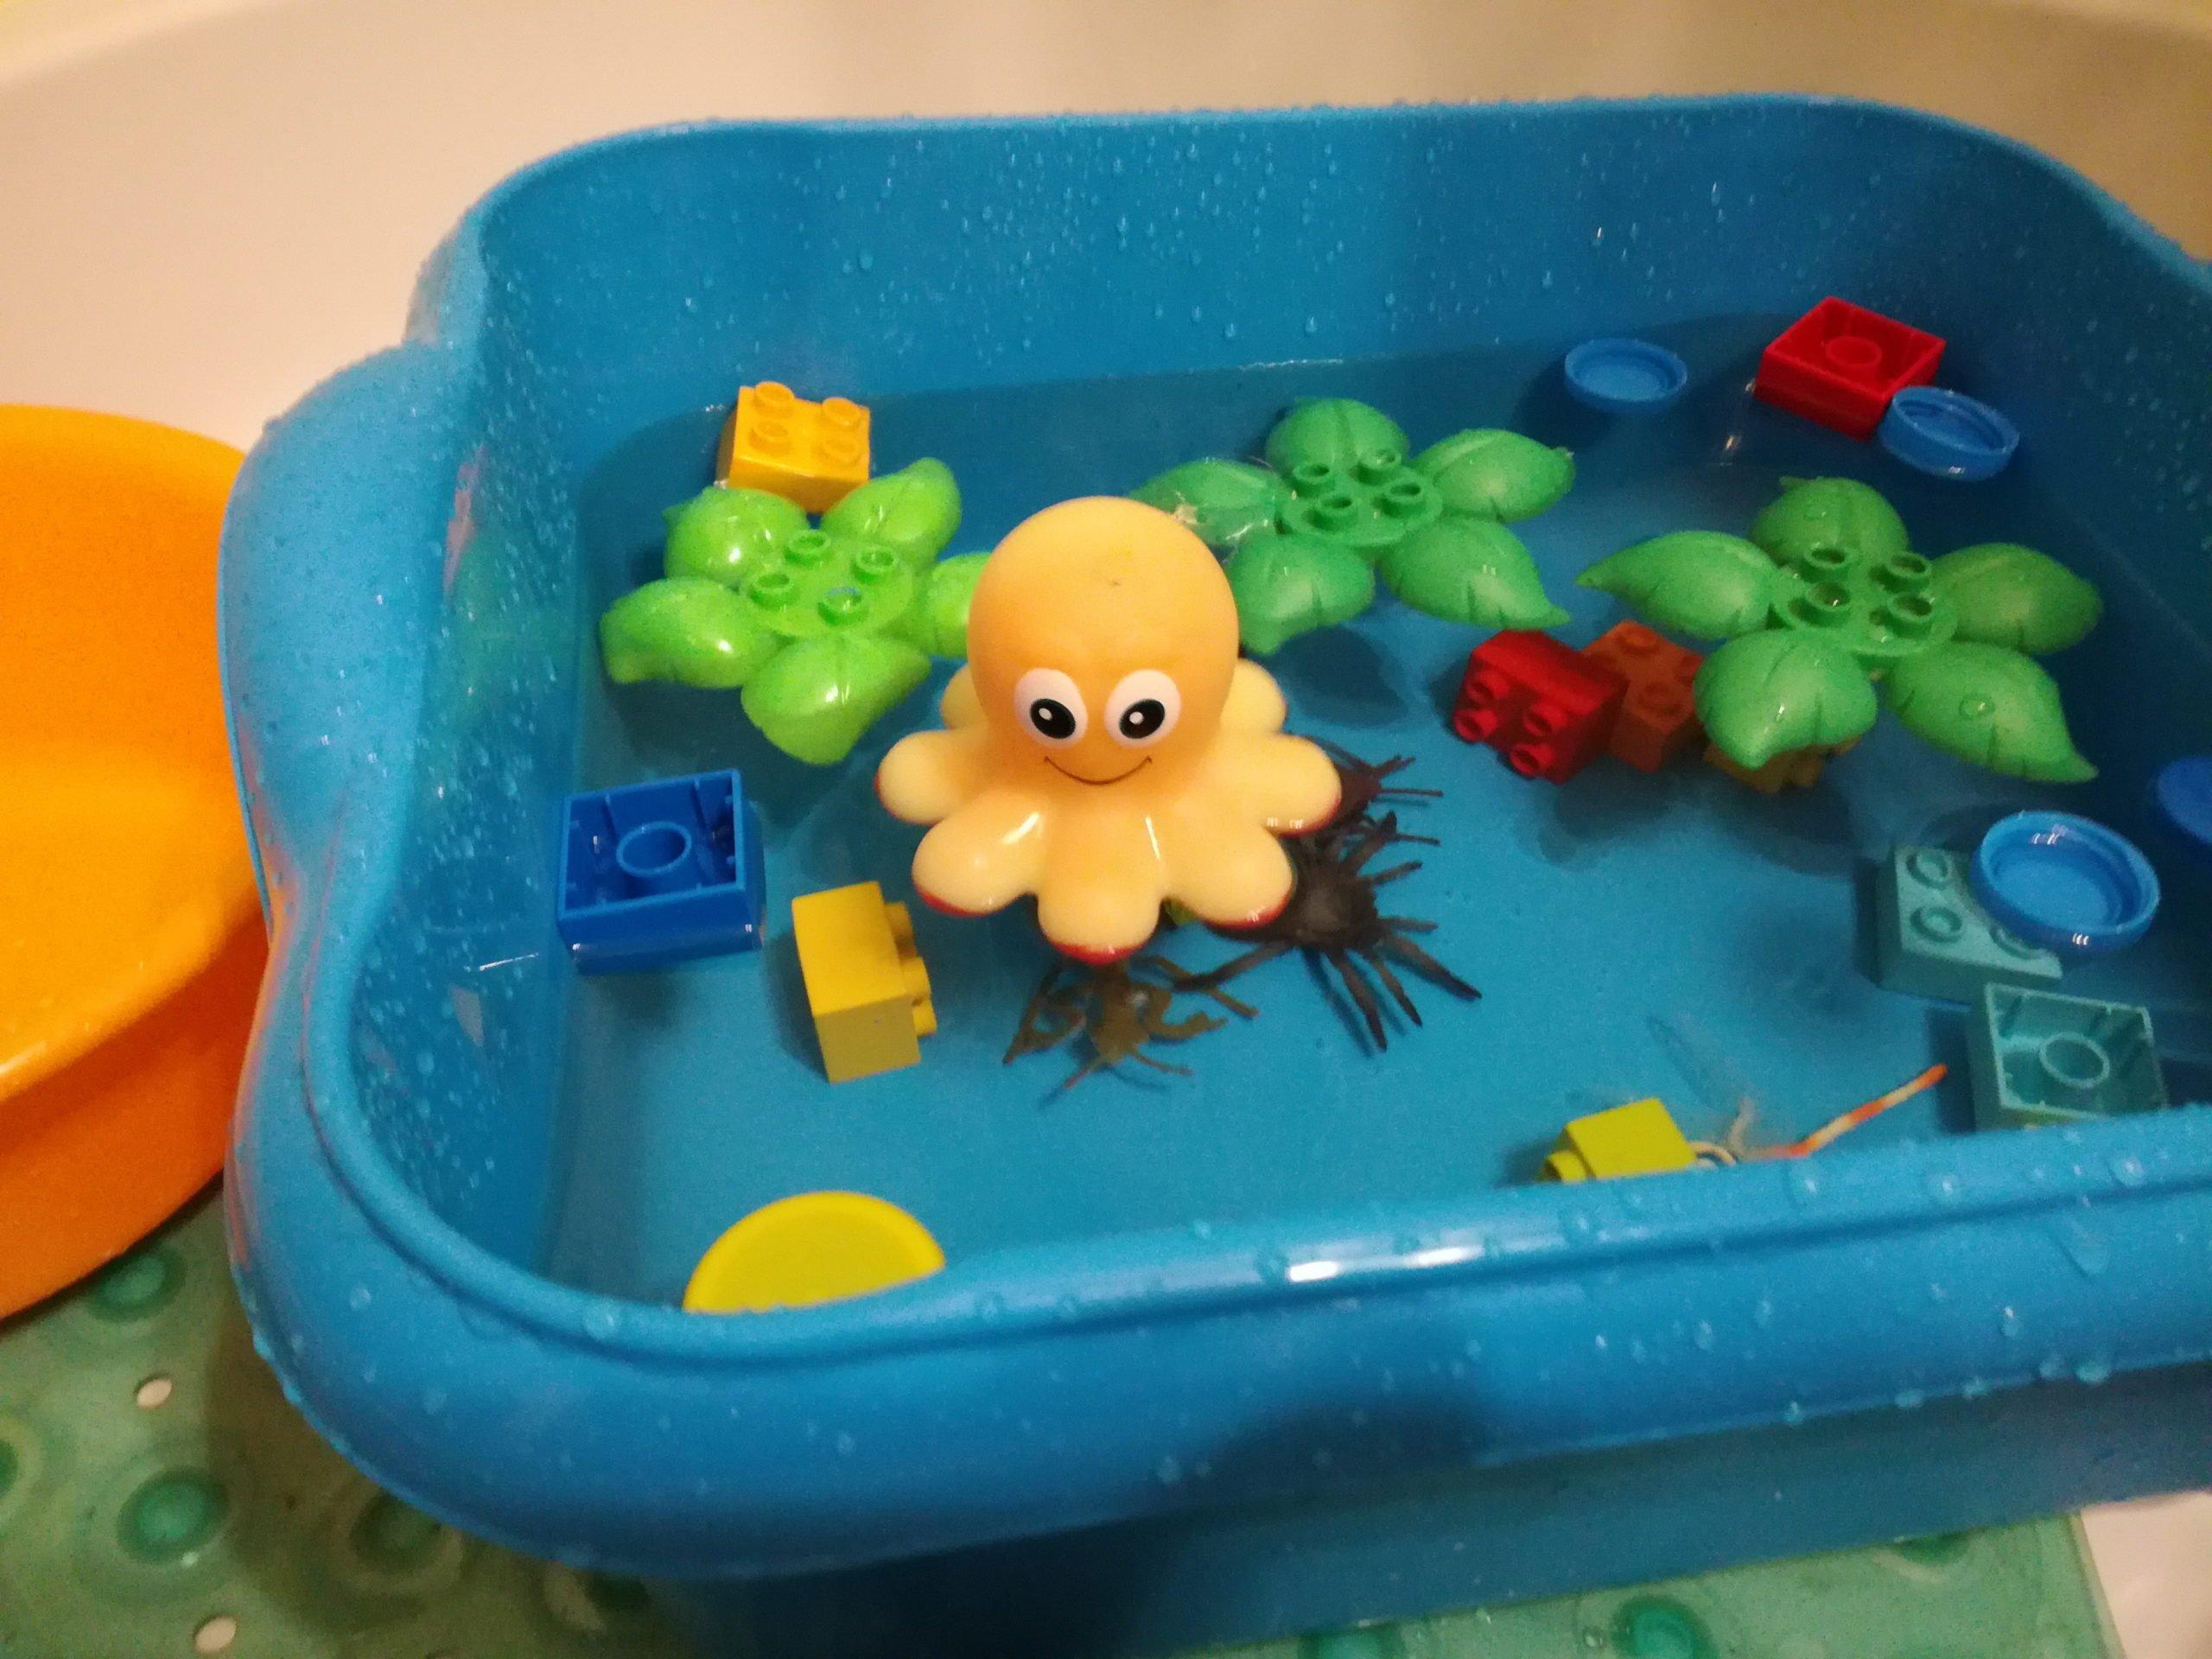 prosta zabawa z wodą dla dzieci w domu